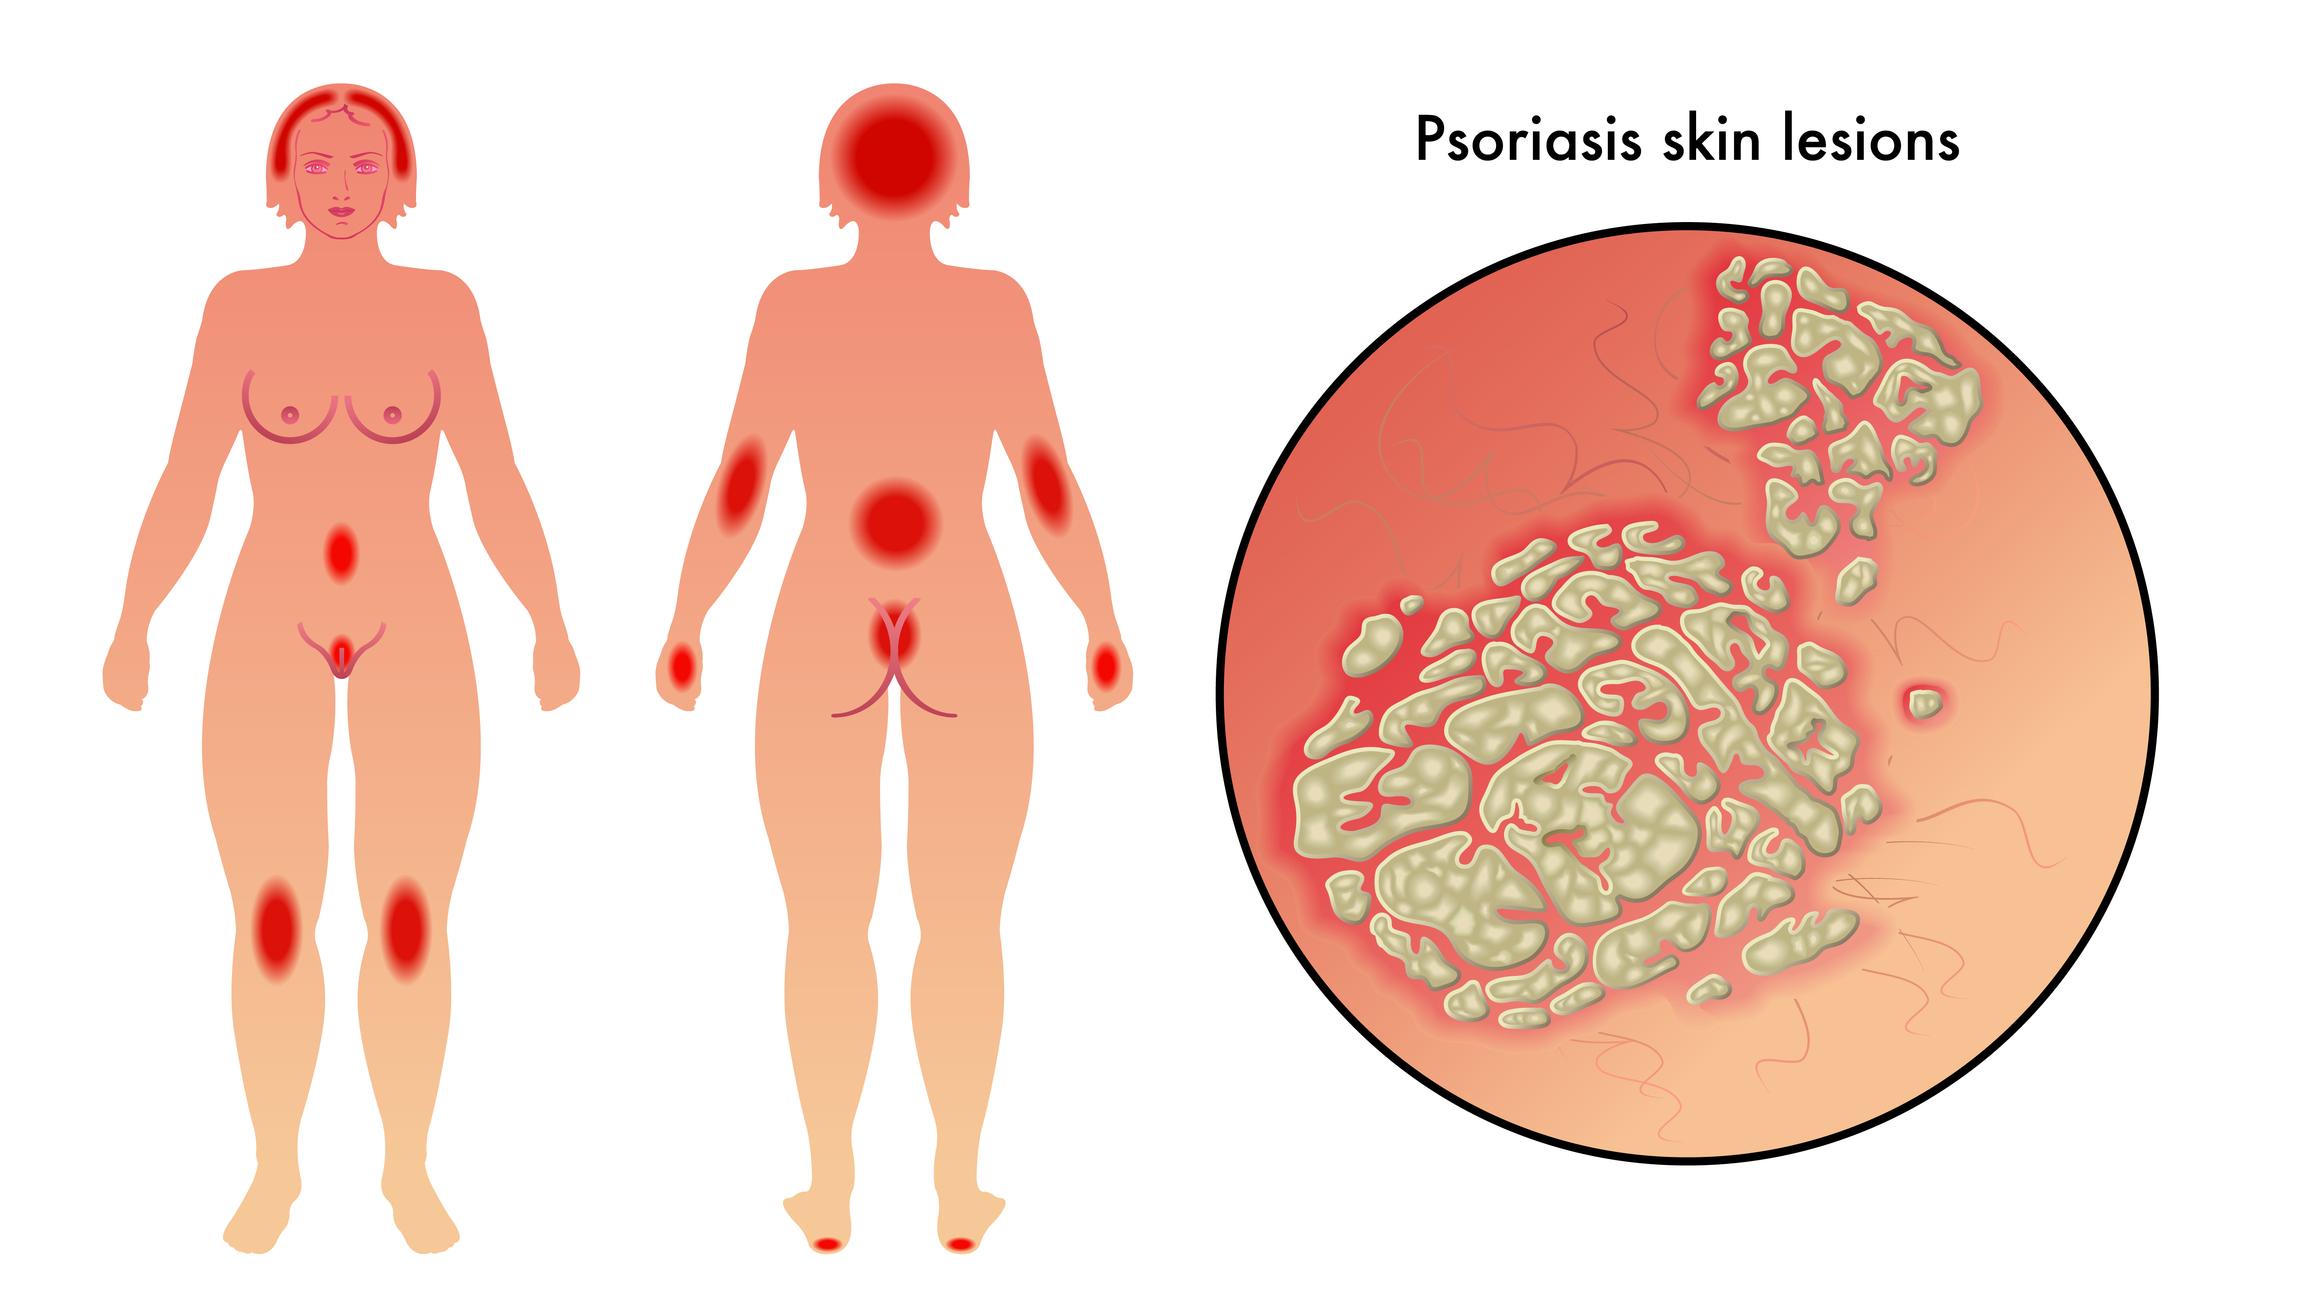 kan psoriasis smitte